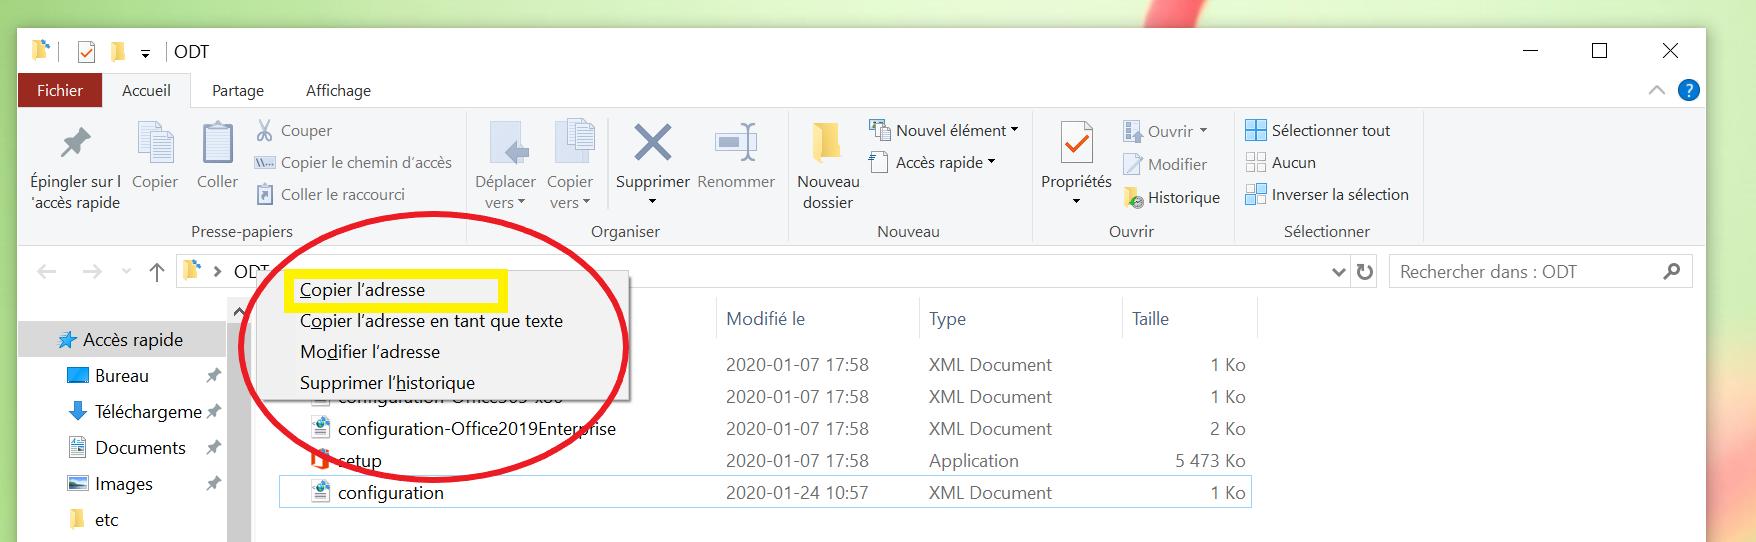 Le dossier ODT; une liste d'options à partir d'un clic droit sur la barre d'adresse s'affiche et l'option 'Copier l'adresse' est mise en surbrillance.